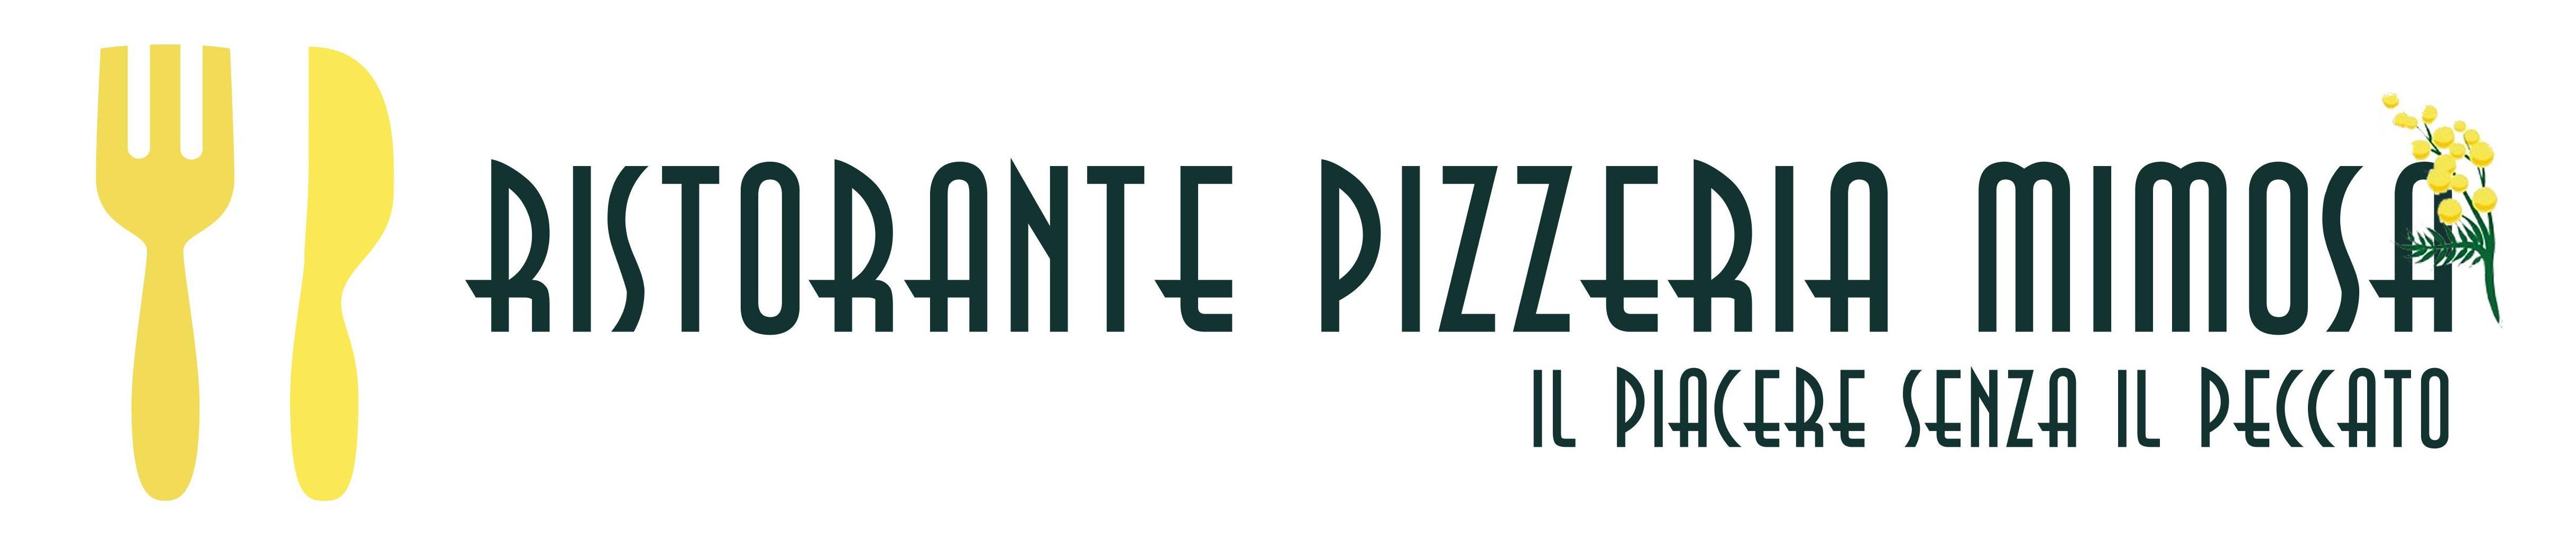 Ristorante Pizzeria Mimosa